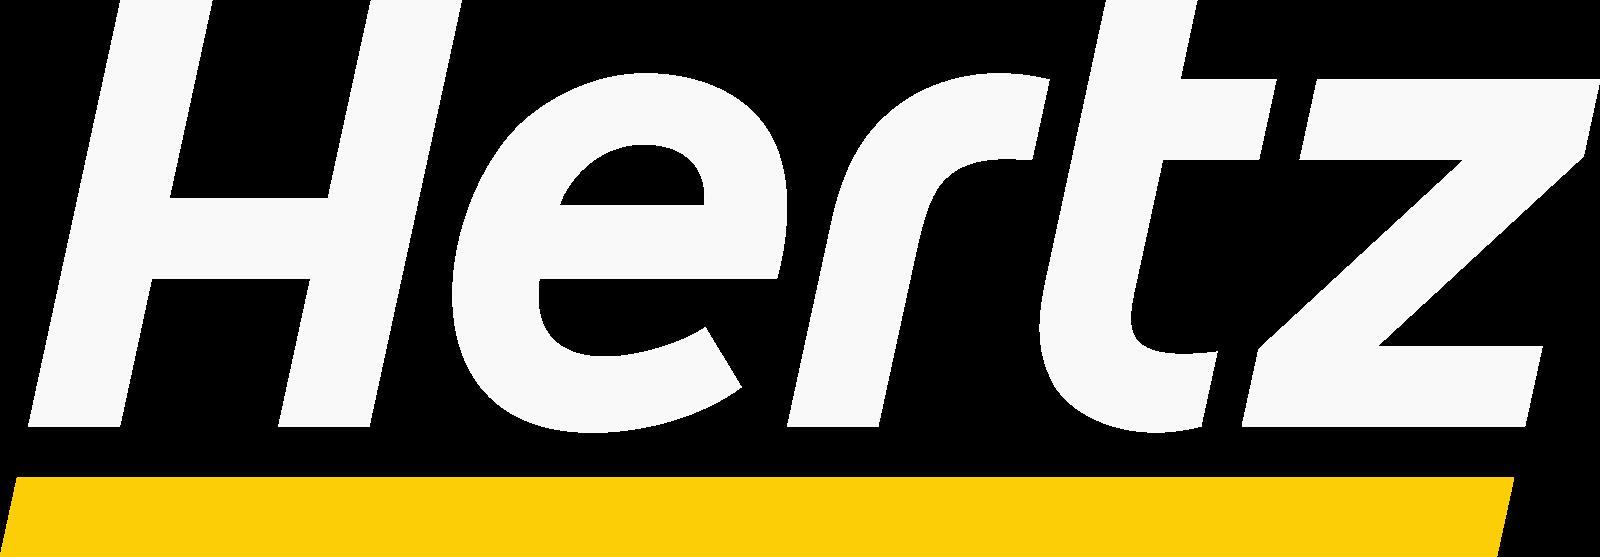 hertz logo 2 1 - Hertz Logo